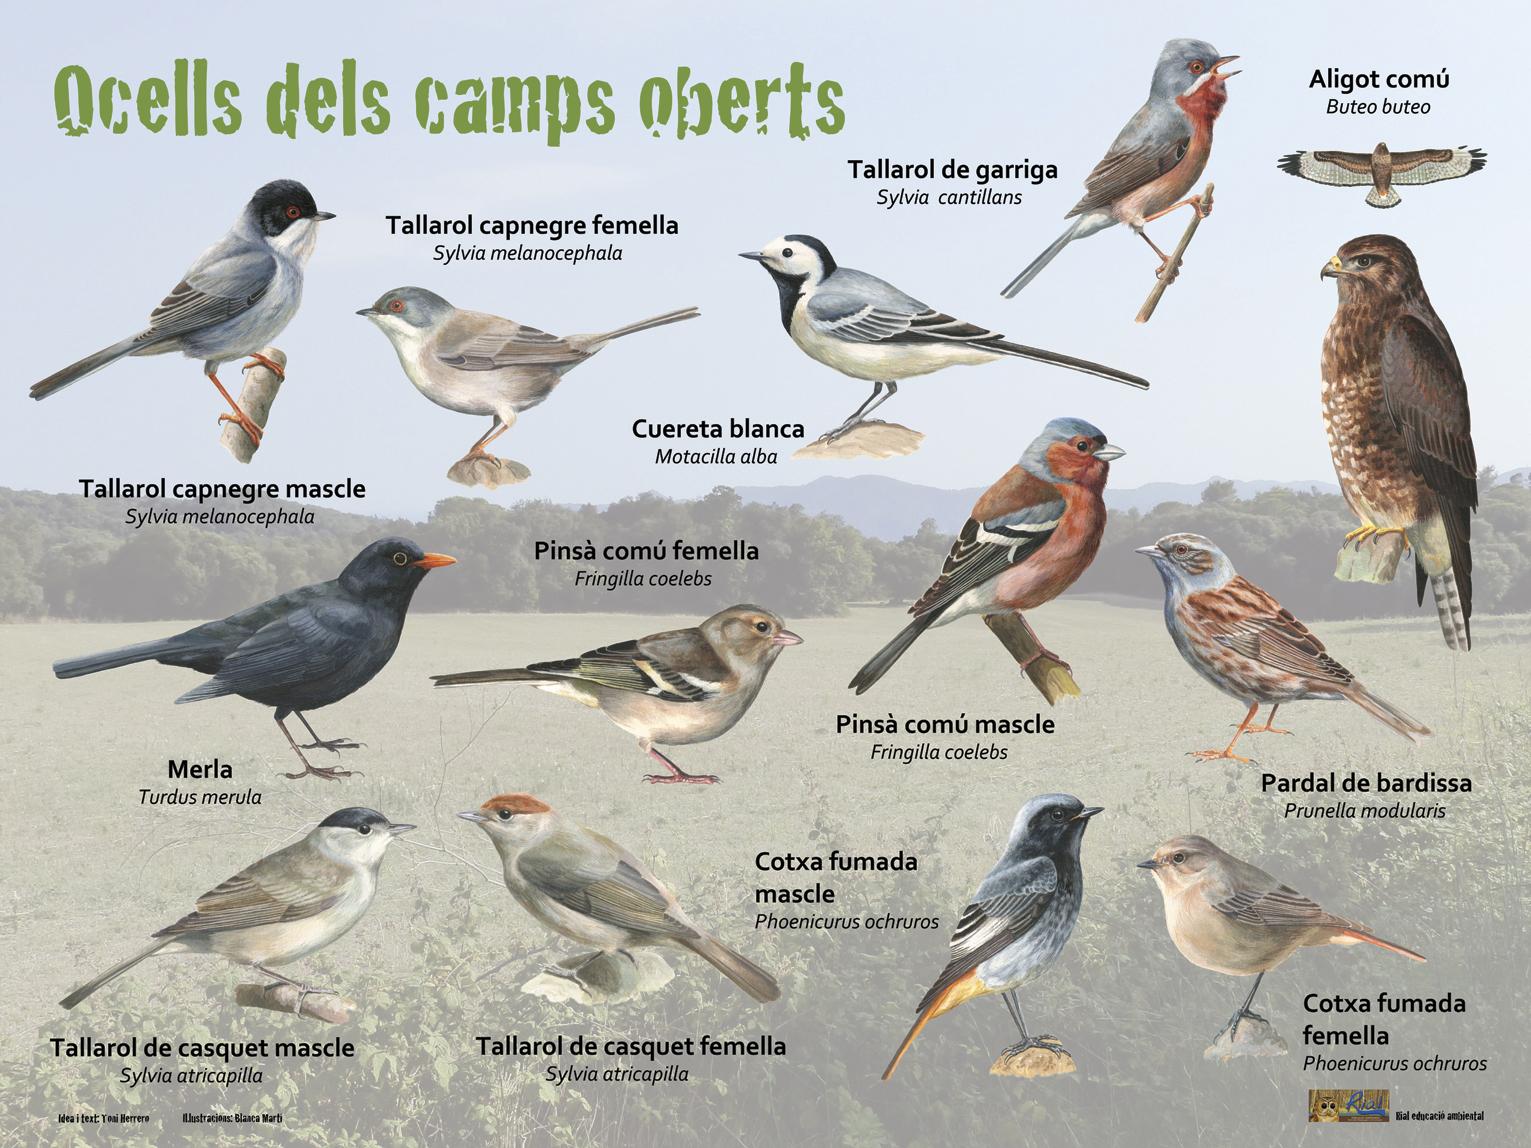 Ocells dels camps oberts